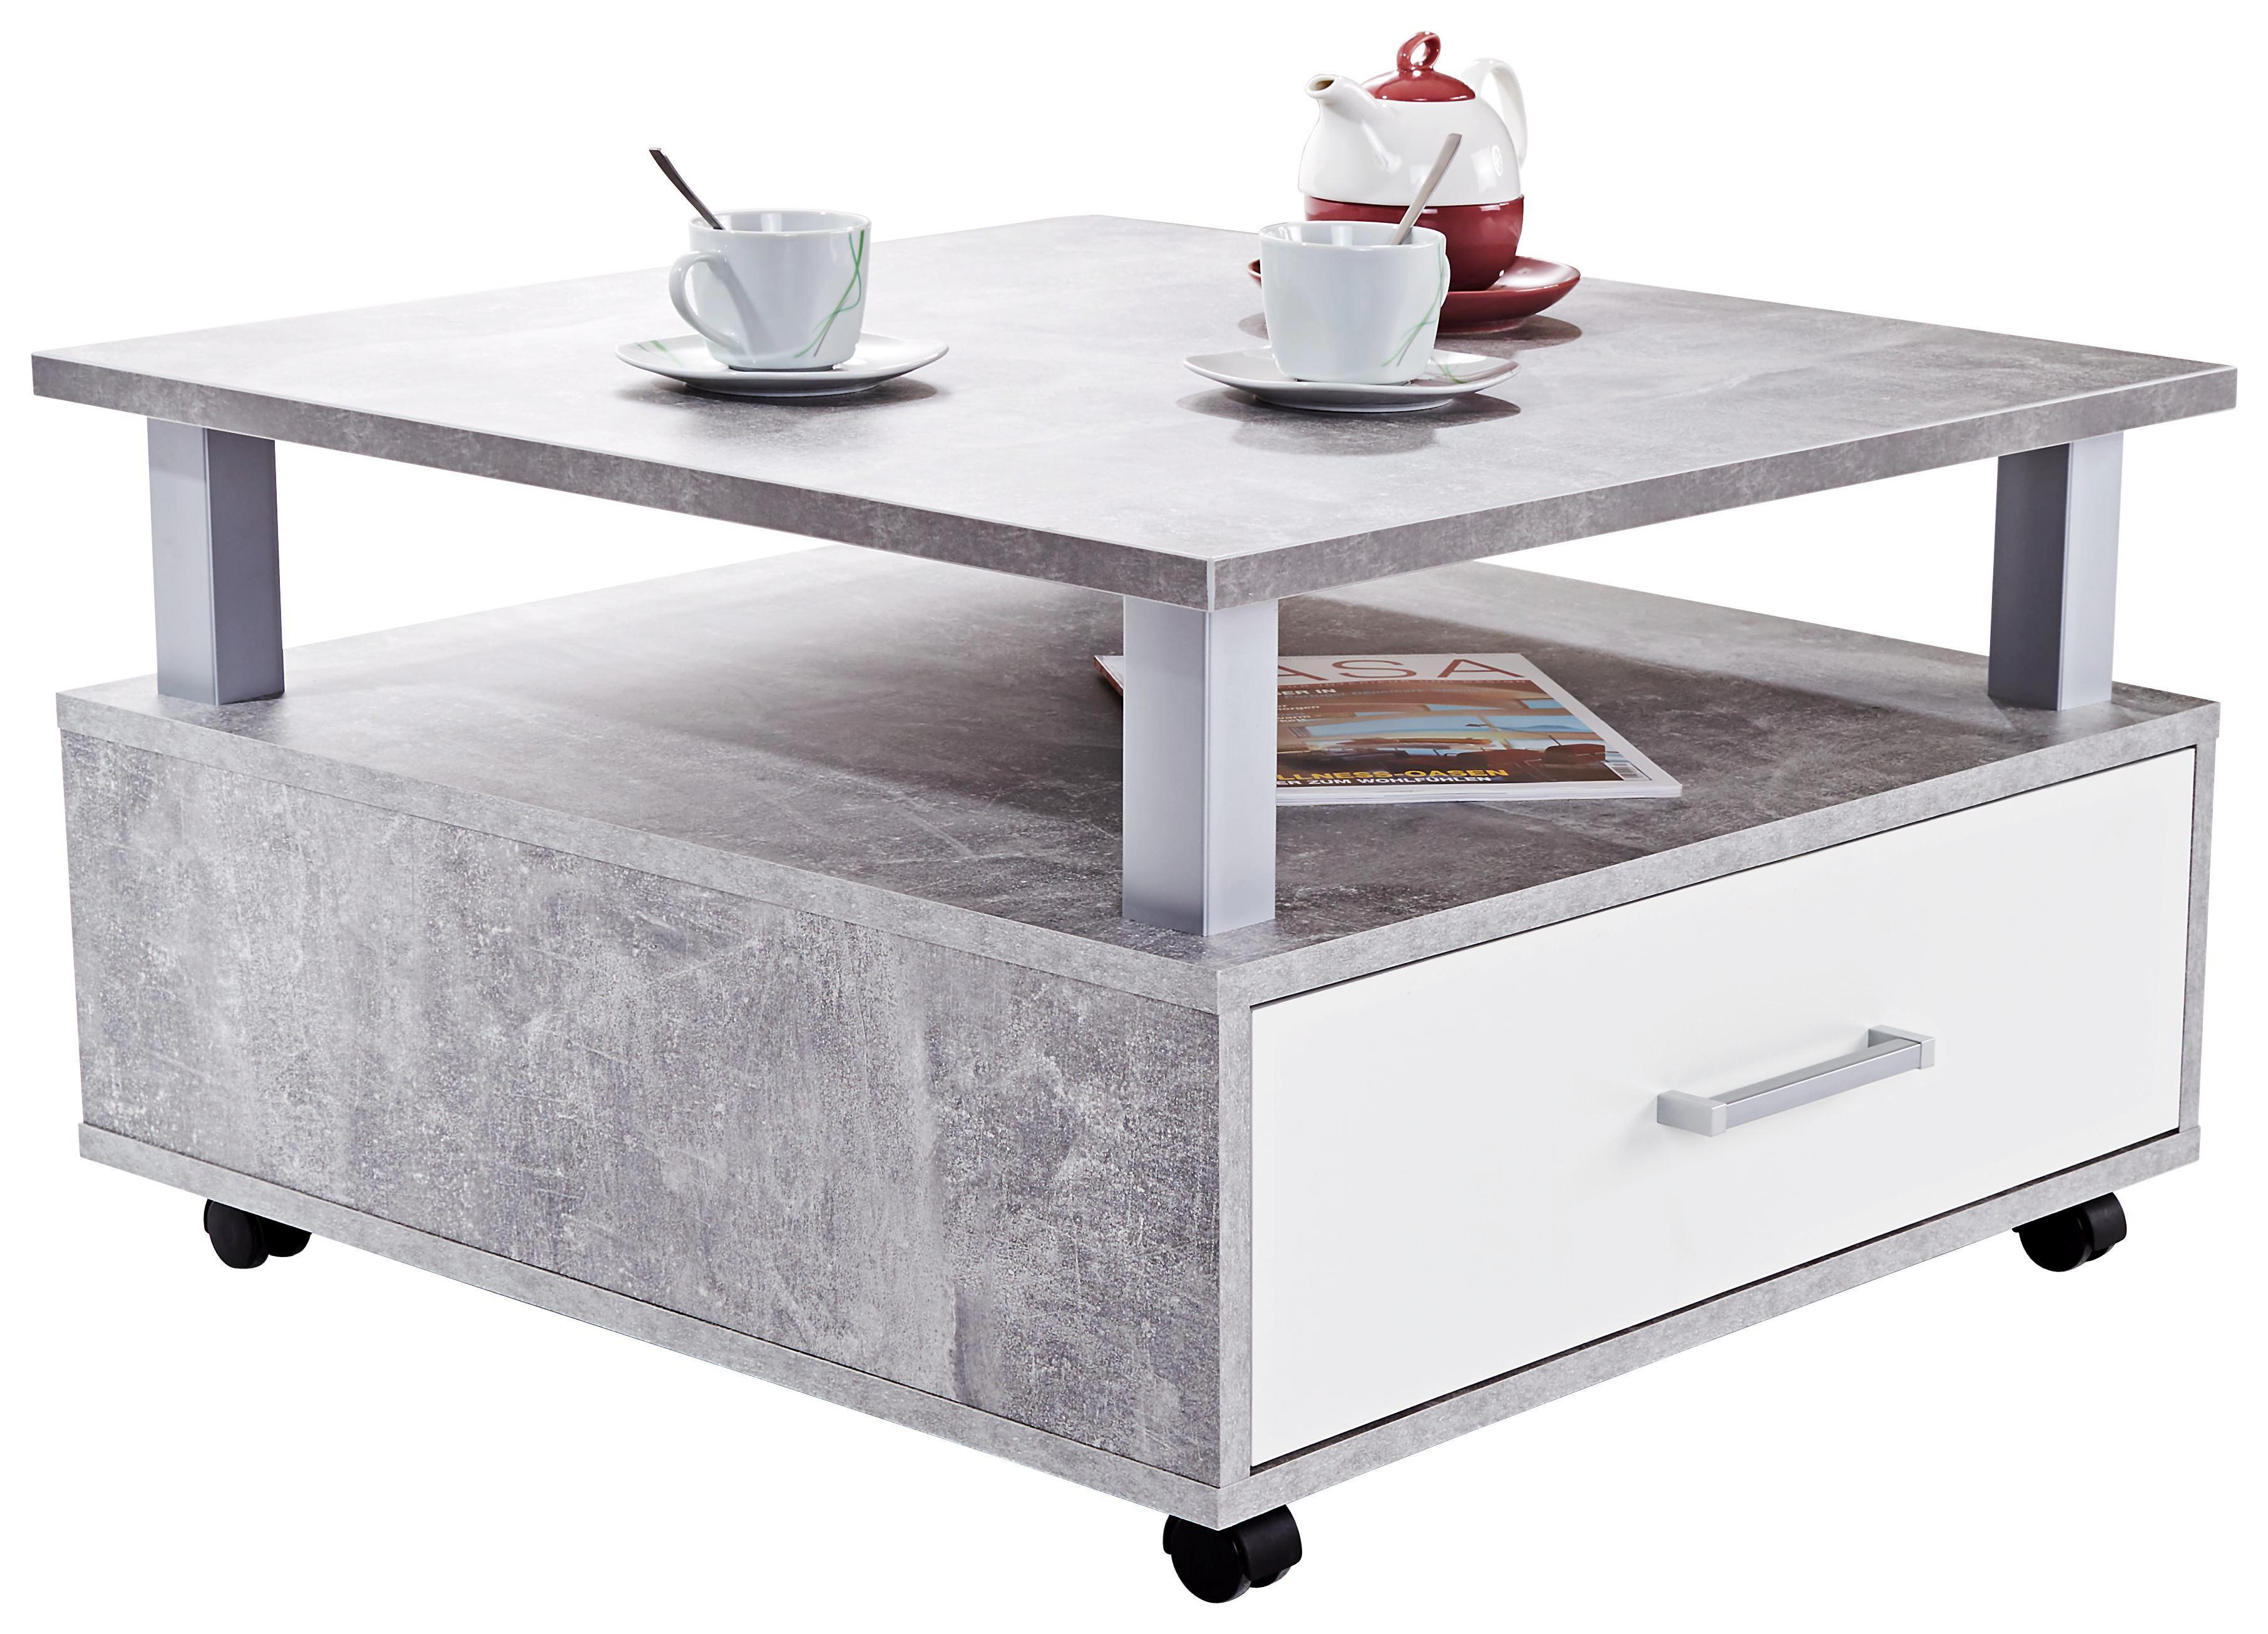 couchtisch grau wei gerumiges frische haus ideen beste couchtisch grau weis planung couchtisch. Black Bedroom Furniture Sets. Home Design Ideas